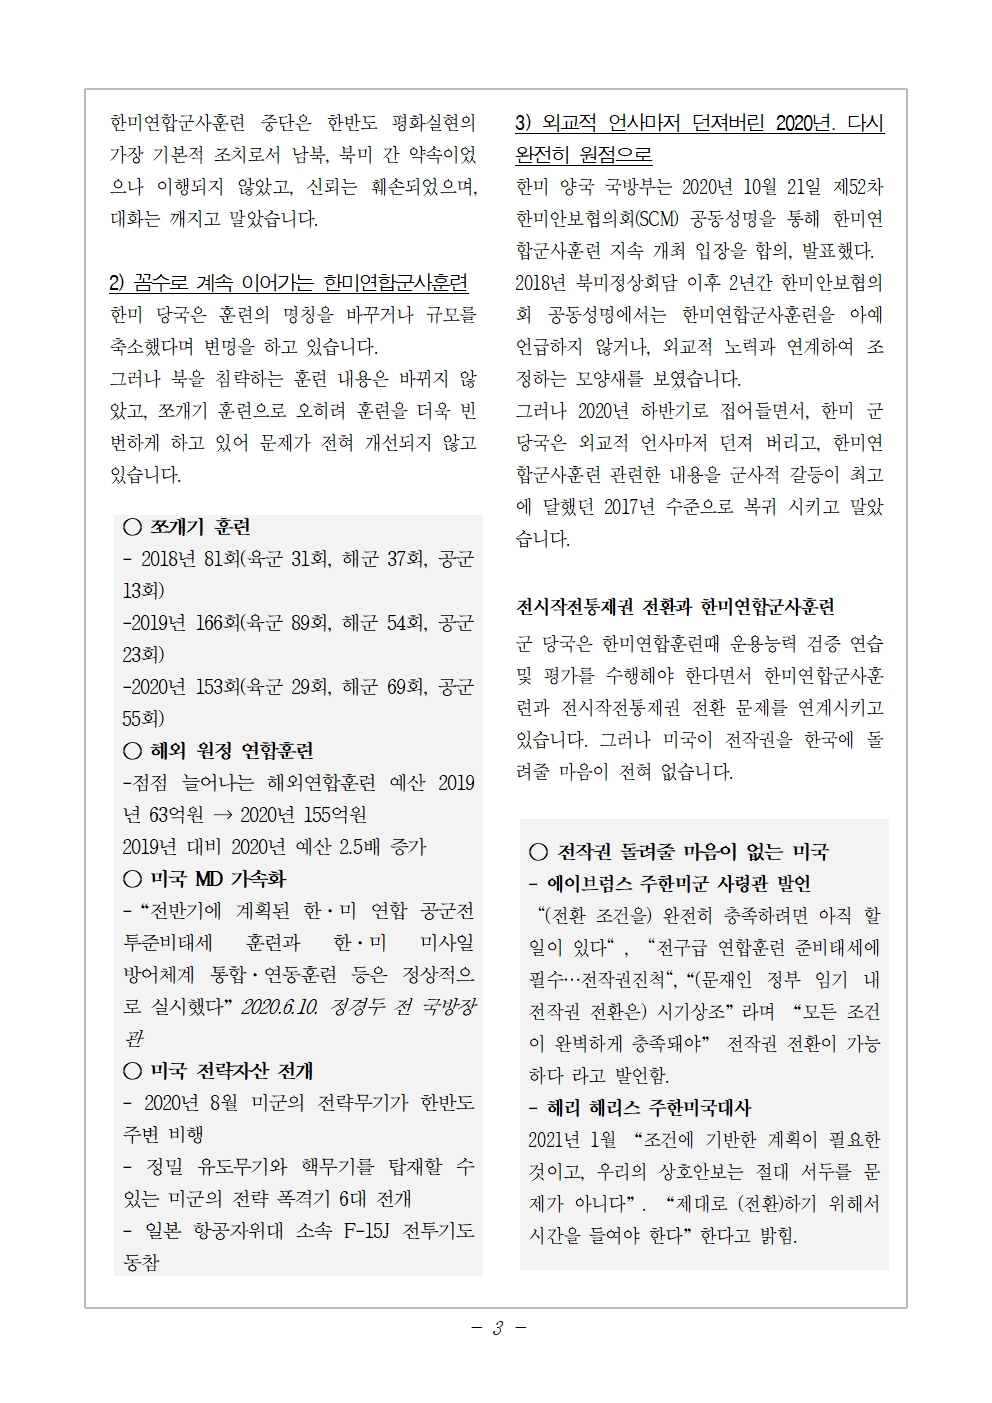 200208_교육지_한미연합군사훈련중단001003.jpg